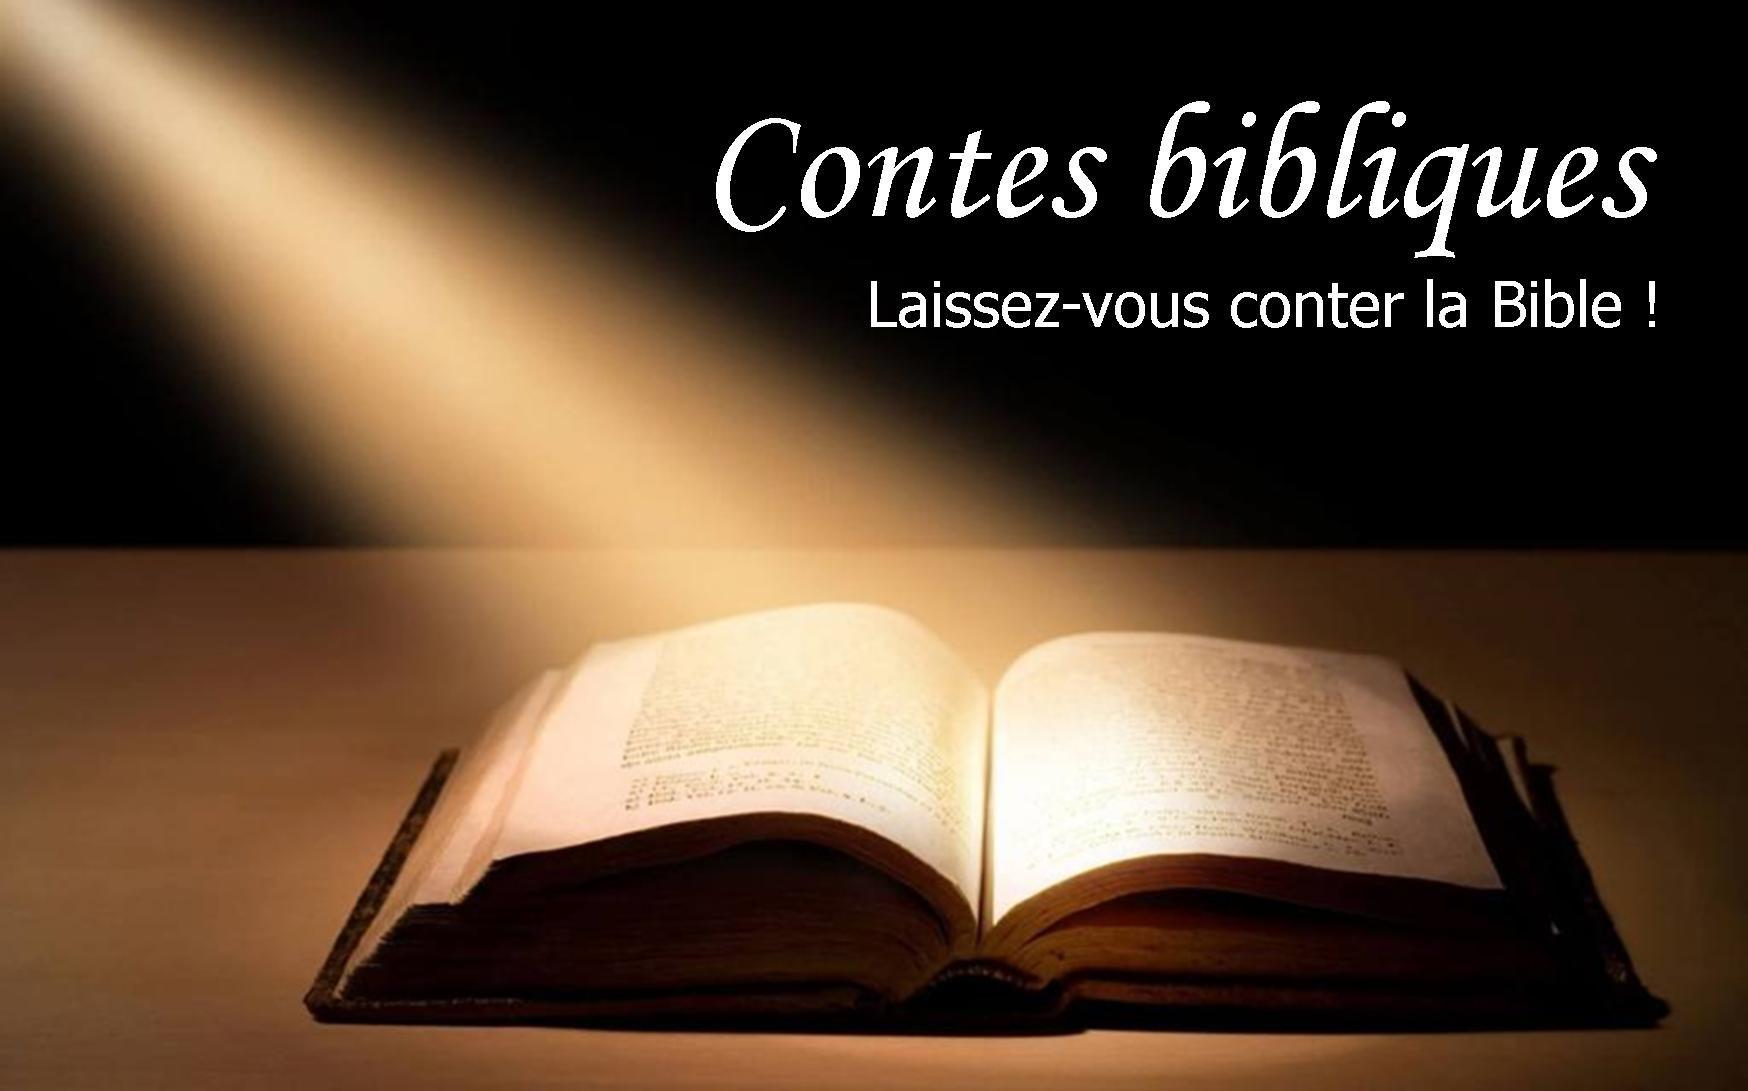 Contes bibliques